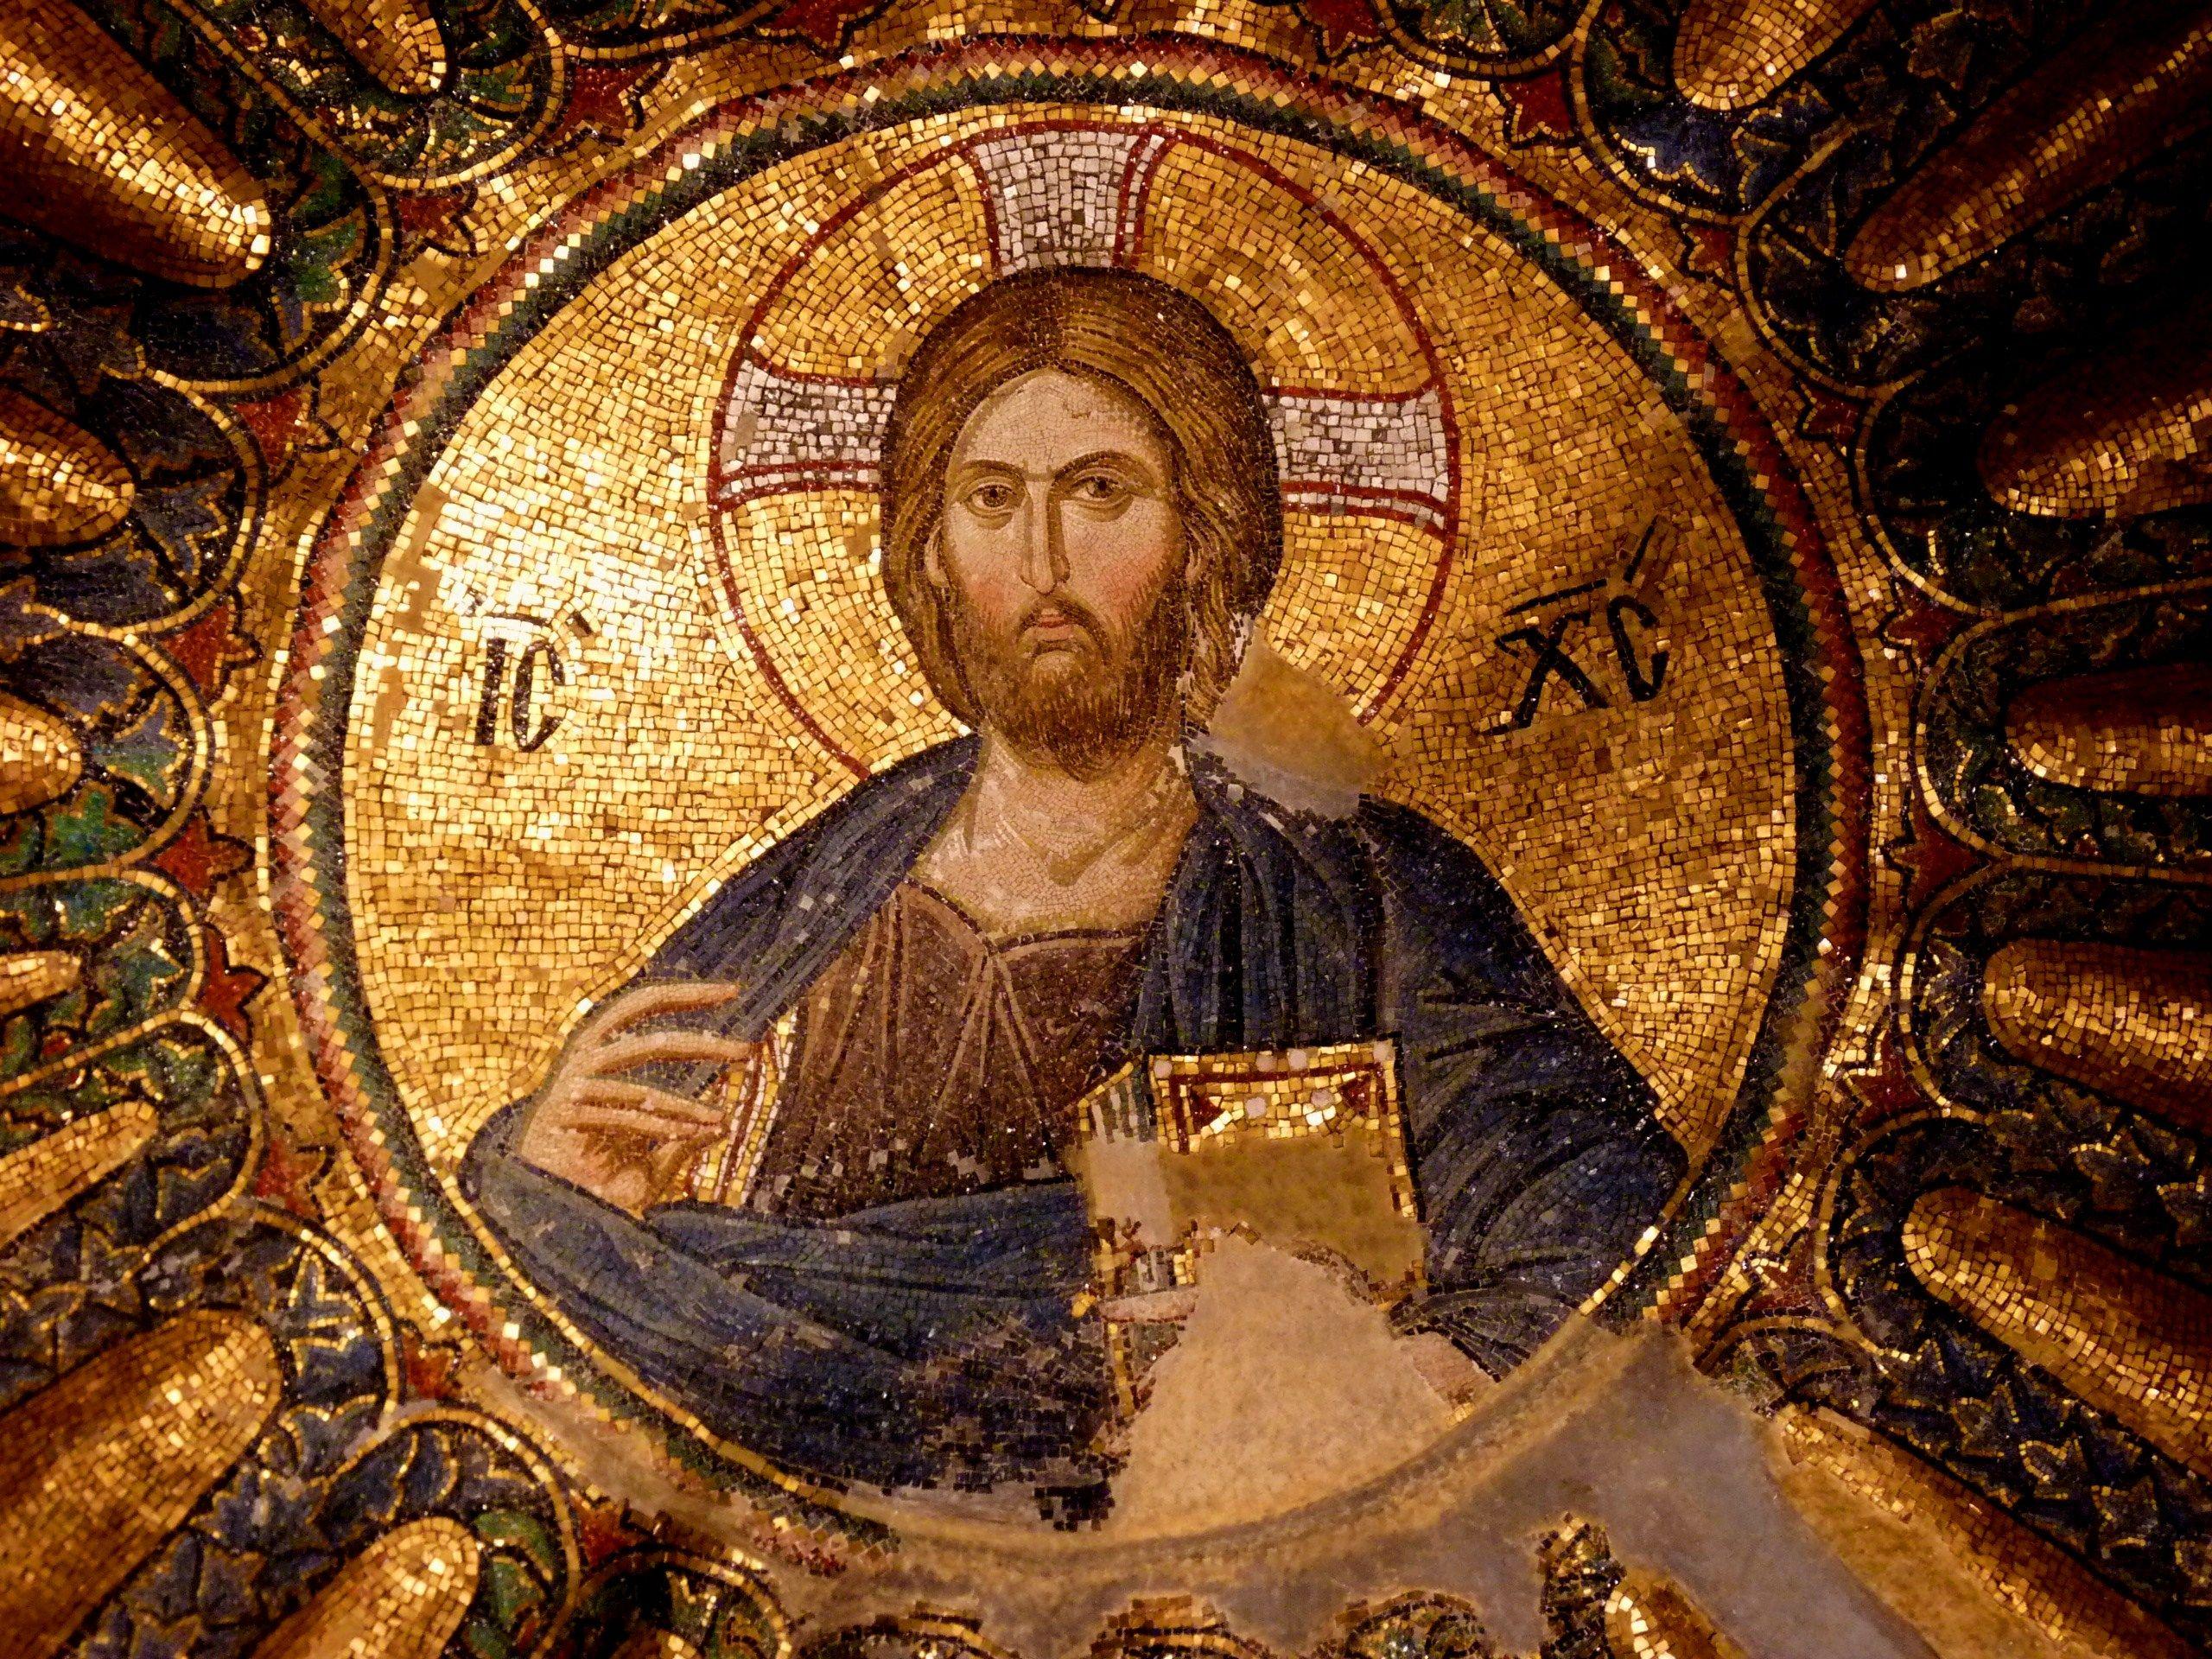 ΕΥΛΟΓΙΑ!!!ΘΑΥΜΑ!!!ΦΑΝΕΡΩΝΕΤΑΙ Ο ΠΑΝΤΟΚΡΑΤΟΡΑΣ ΣΤΗΝ ΑΓΙΑ ΣΟΦΙΑ ΣΤΗΝ  ΚΩΝΣΤΑΝΤΙΝΟΥΠΟΛΗ!!! | Byzantine art, Christian art, Holy saviour